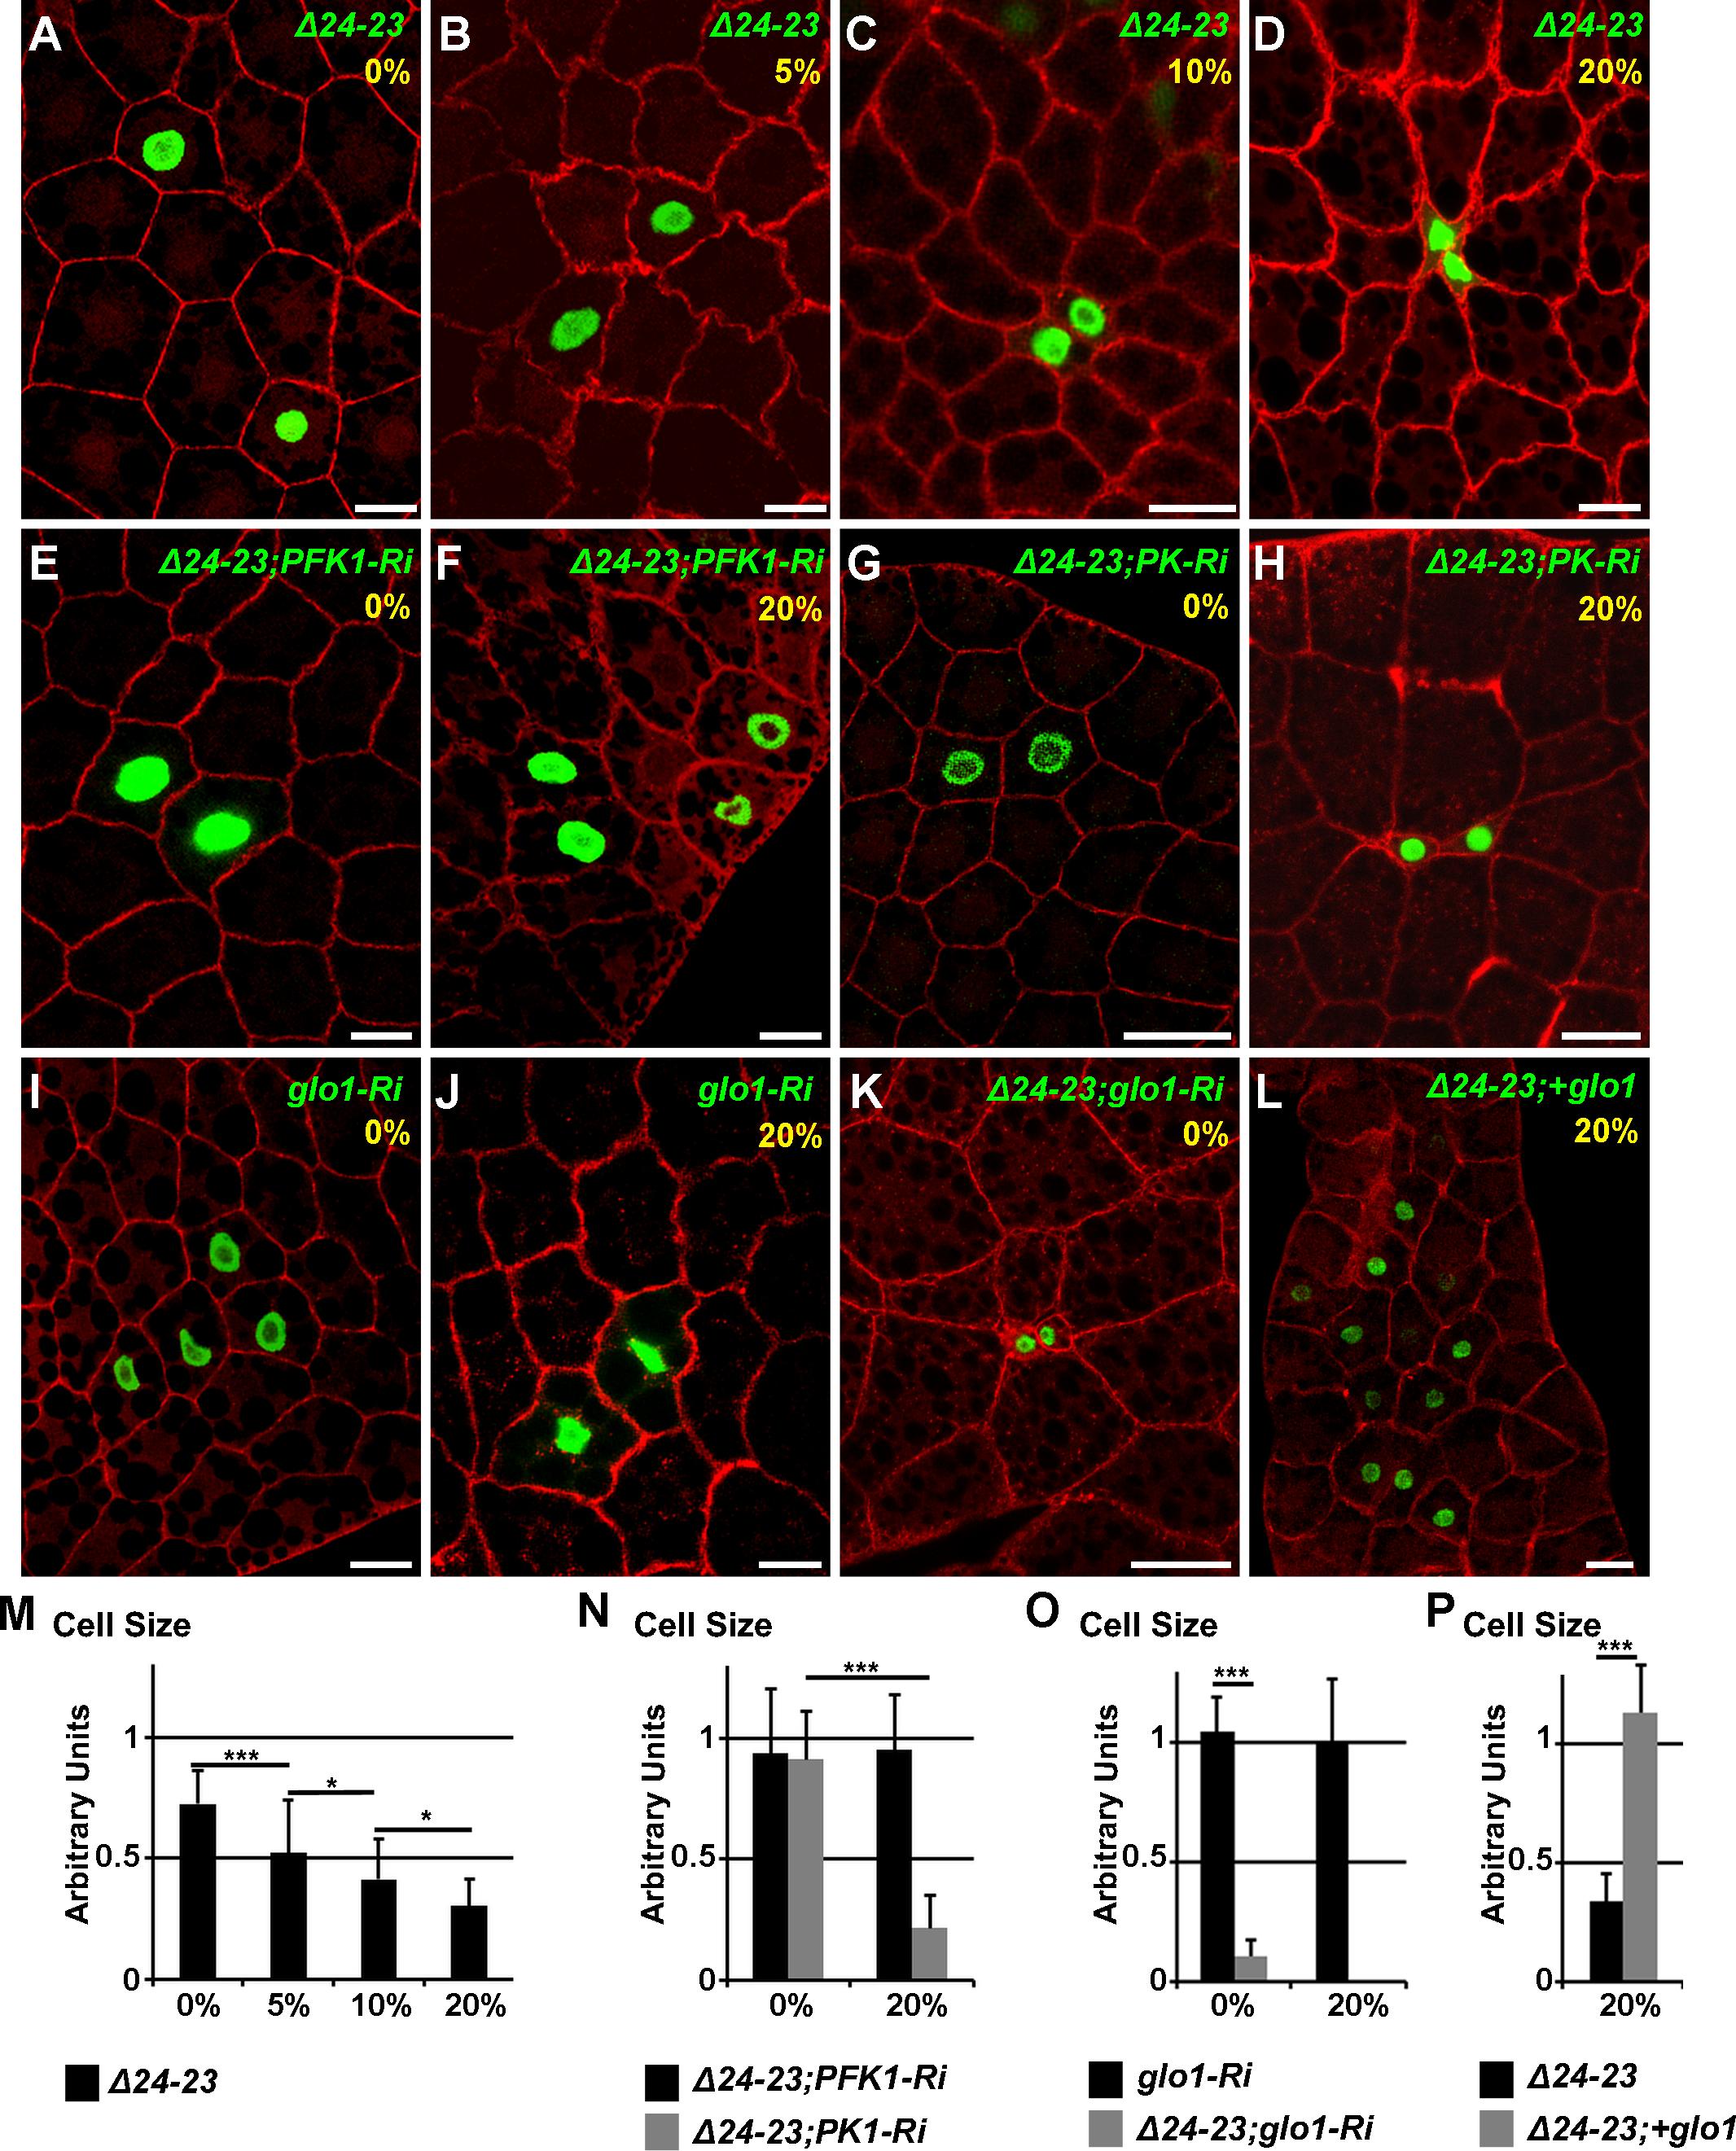 Cell-autonomous defect in <i>FASN</i> mutant FB cells.